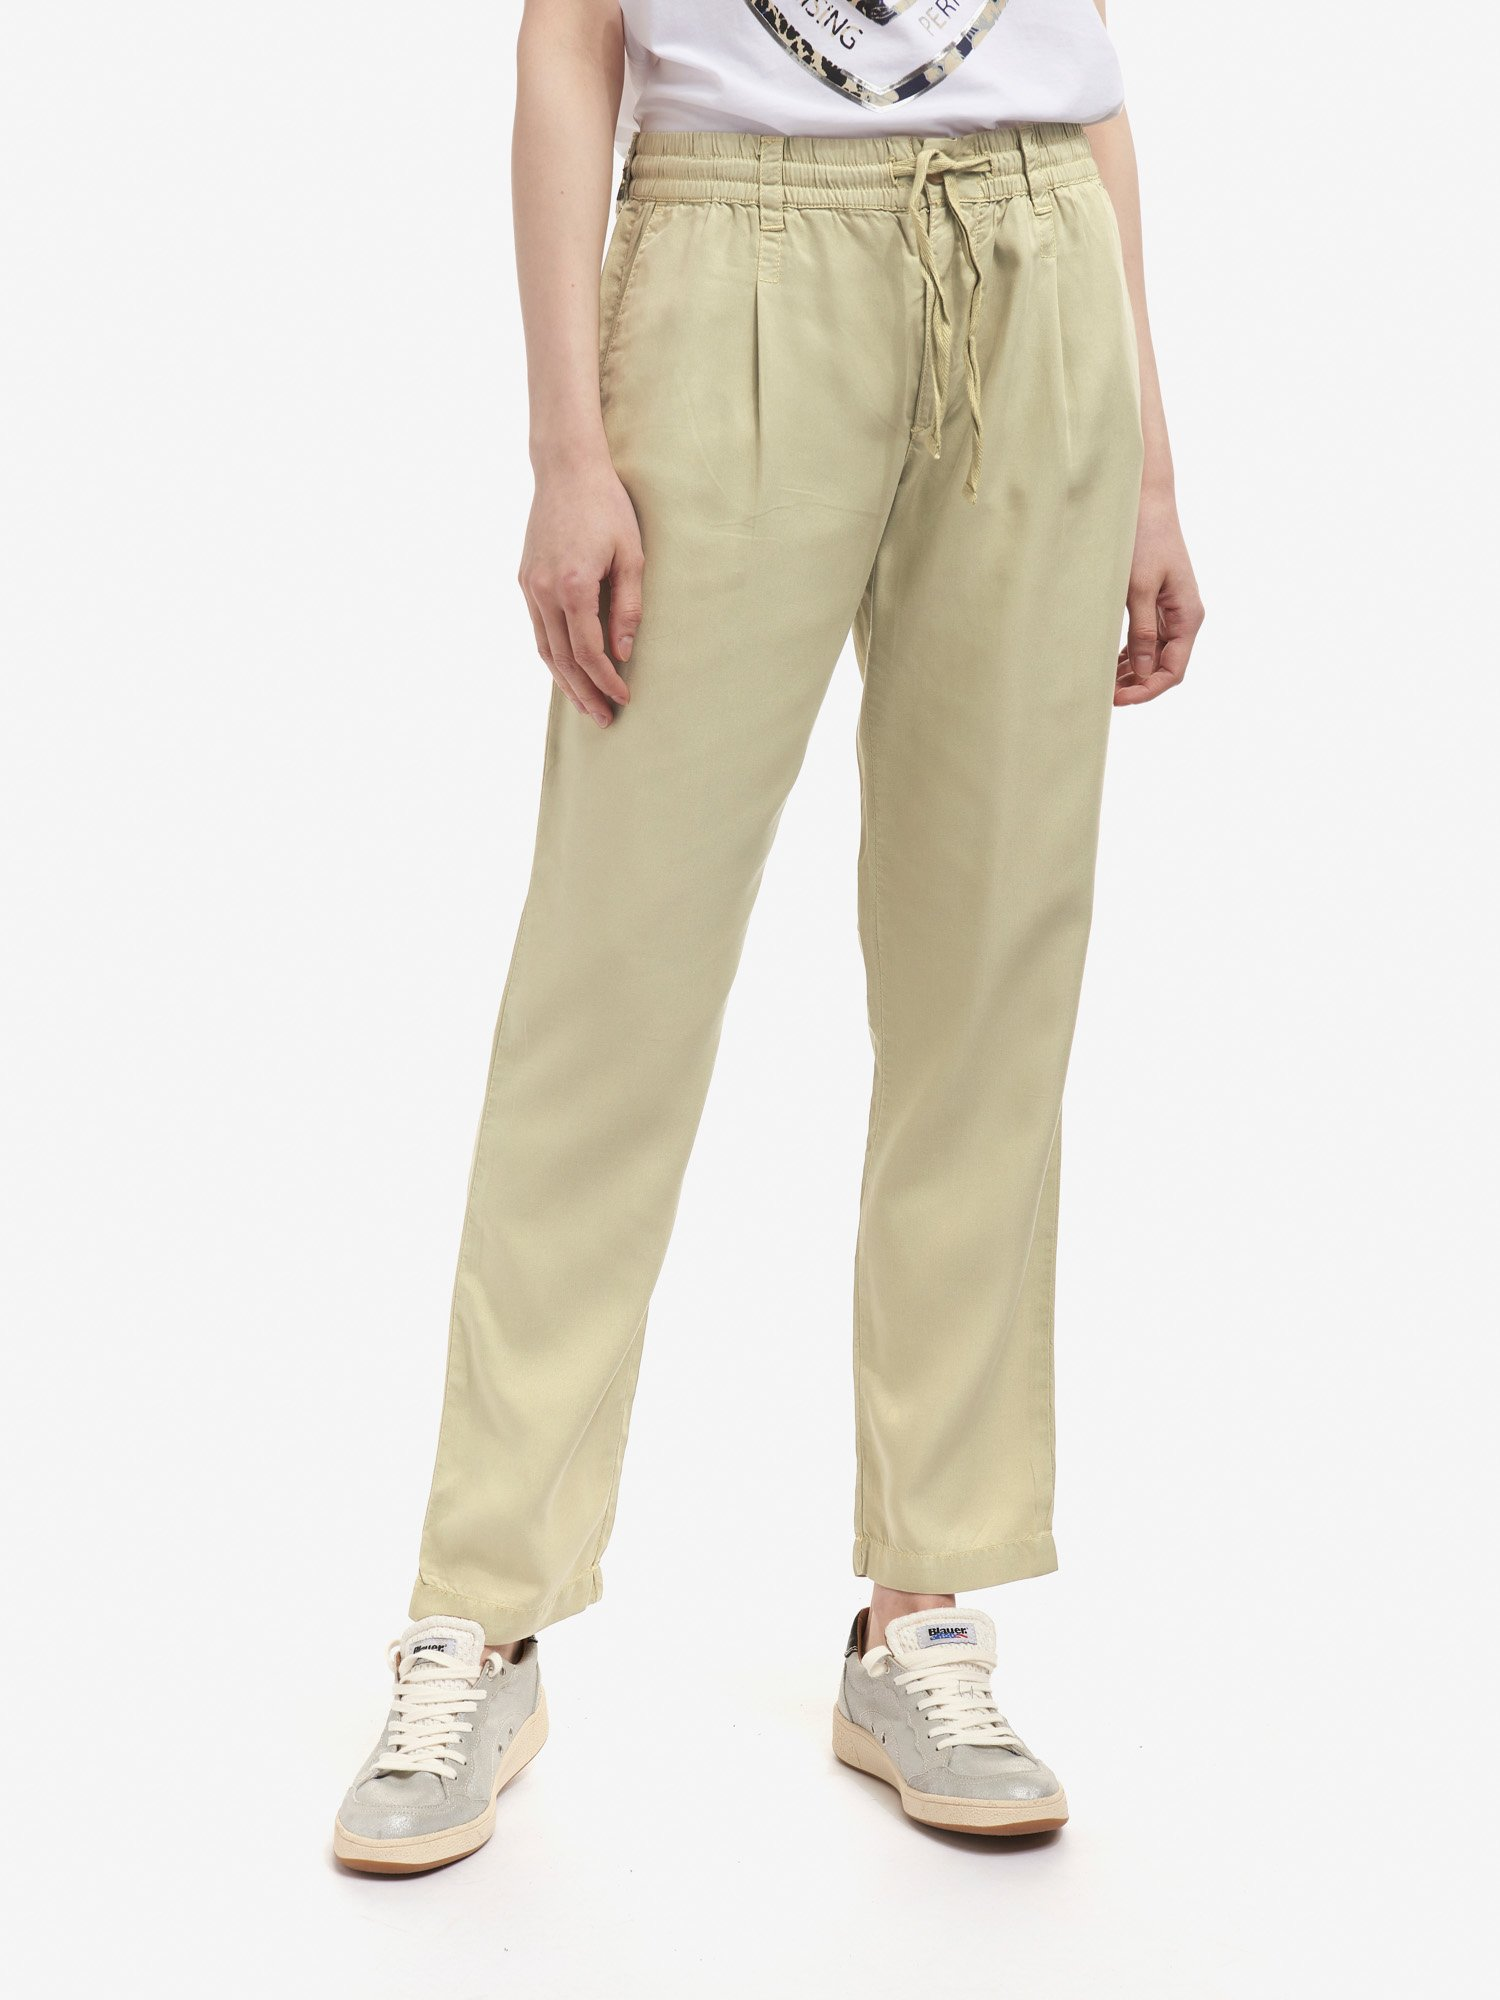 Blauer - LYOCELL LONG PANTS - Moss Gray - Blauer